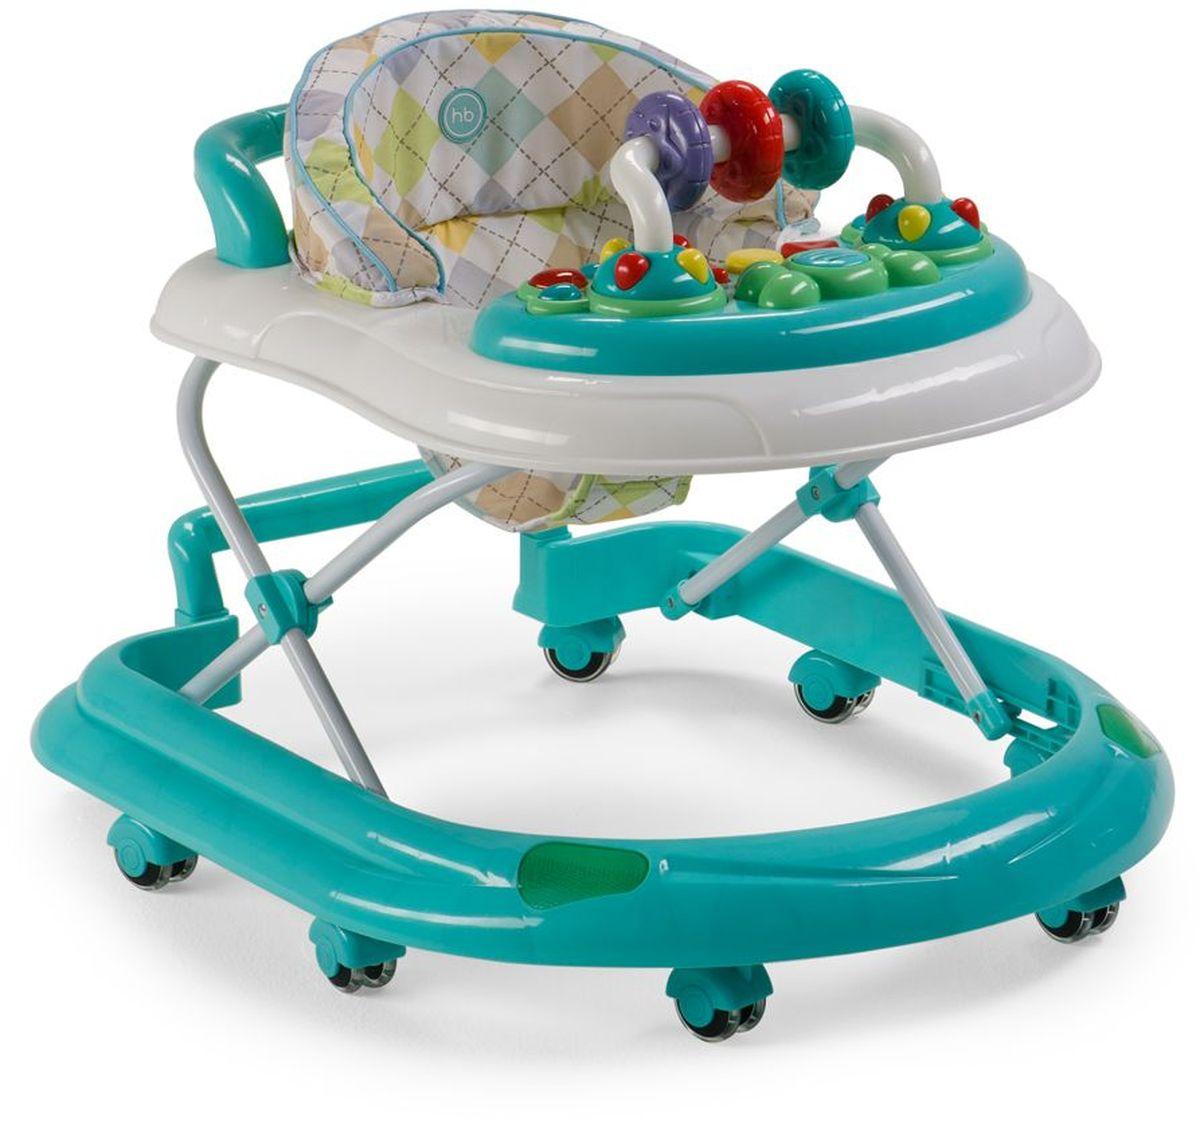 Happy Baby Ходунки Smiley V2 цвет голубой4650069783176Классические ходунки SMILEY V2 развивают координацию движений и помогут ребёнку научиться держать равновесие. Мягкие цвета ходунков привлекут внимание ребенка. Игровая панель со звуковыми эффектами и игрушками поможет развить у малыша зрение, слух, хватательный рефлекс и мелкую моторику. Мягкое, удобное сиденье легко регулируется в 3-х положениях в зависимости от роста. Ходунки SMILEY V2 оборудованы специальными силиконовыми колесами, которые не поцарапают напольное покрытие. Игровая панель работает от 2-х пальчиковых батареек (тип АА). ТЕХНИЧЕСКИЕ ХАРАКТЕРИСТИКИ: • Возраст: от 7 месяцев • Максимальный вес ребенка: 12 кг • Вес ходунков: 3,5 кг • Габариты в сложенном виде ДхШхВ: 70х59,5х30 см • Габариты в разложенном виде ДхШхВ: 70х59,5х54 см • Регулируемое сиденье: да ИНФОРМАЦИЯ О ТОВАРЕ: • Регулируются по высоте, 3 положения • Развивают координацию движений • Учат ребенка держать равновесие • На задней части...